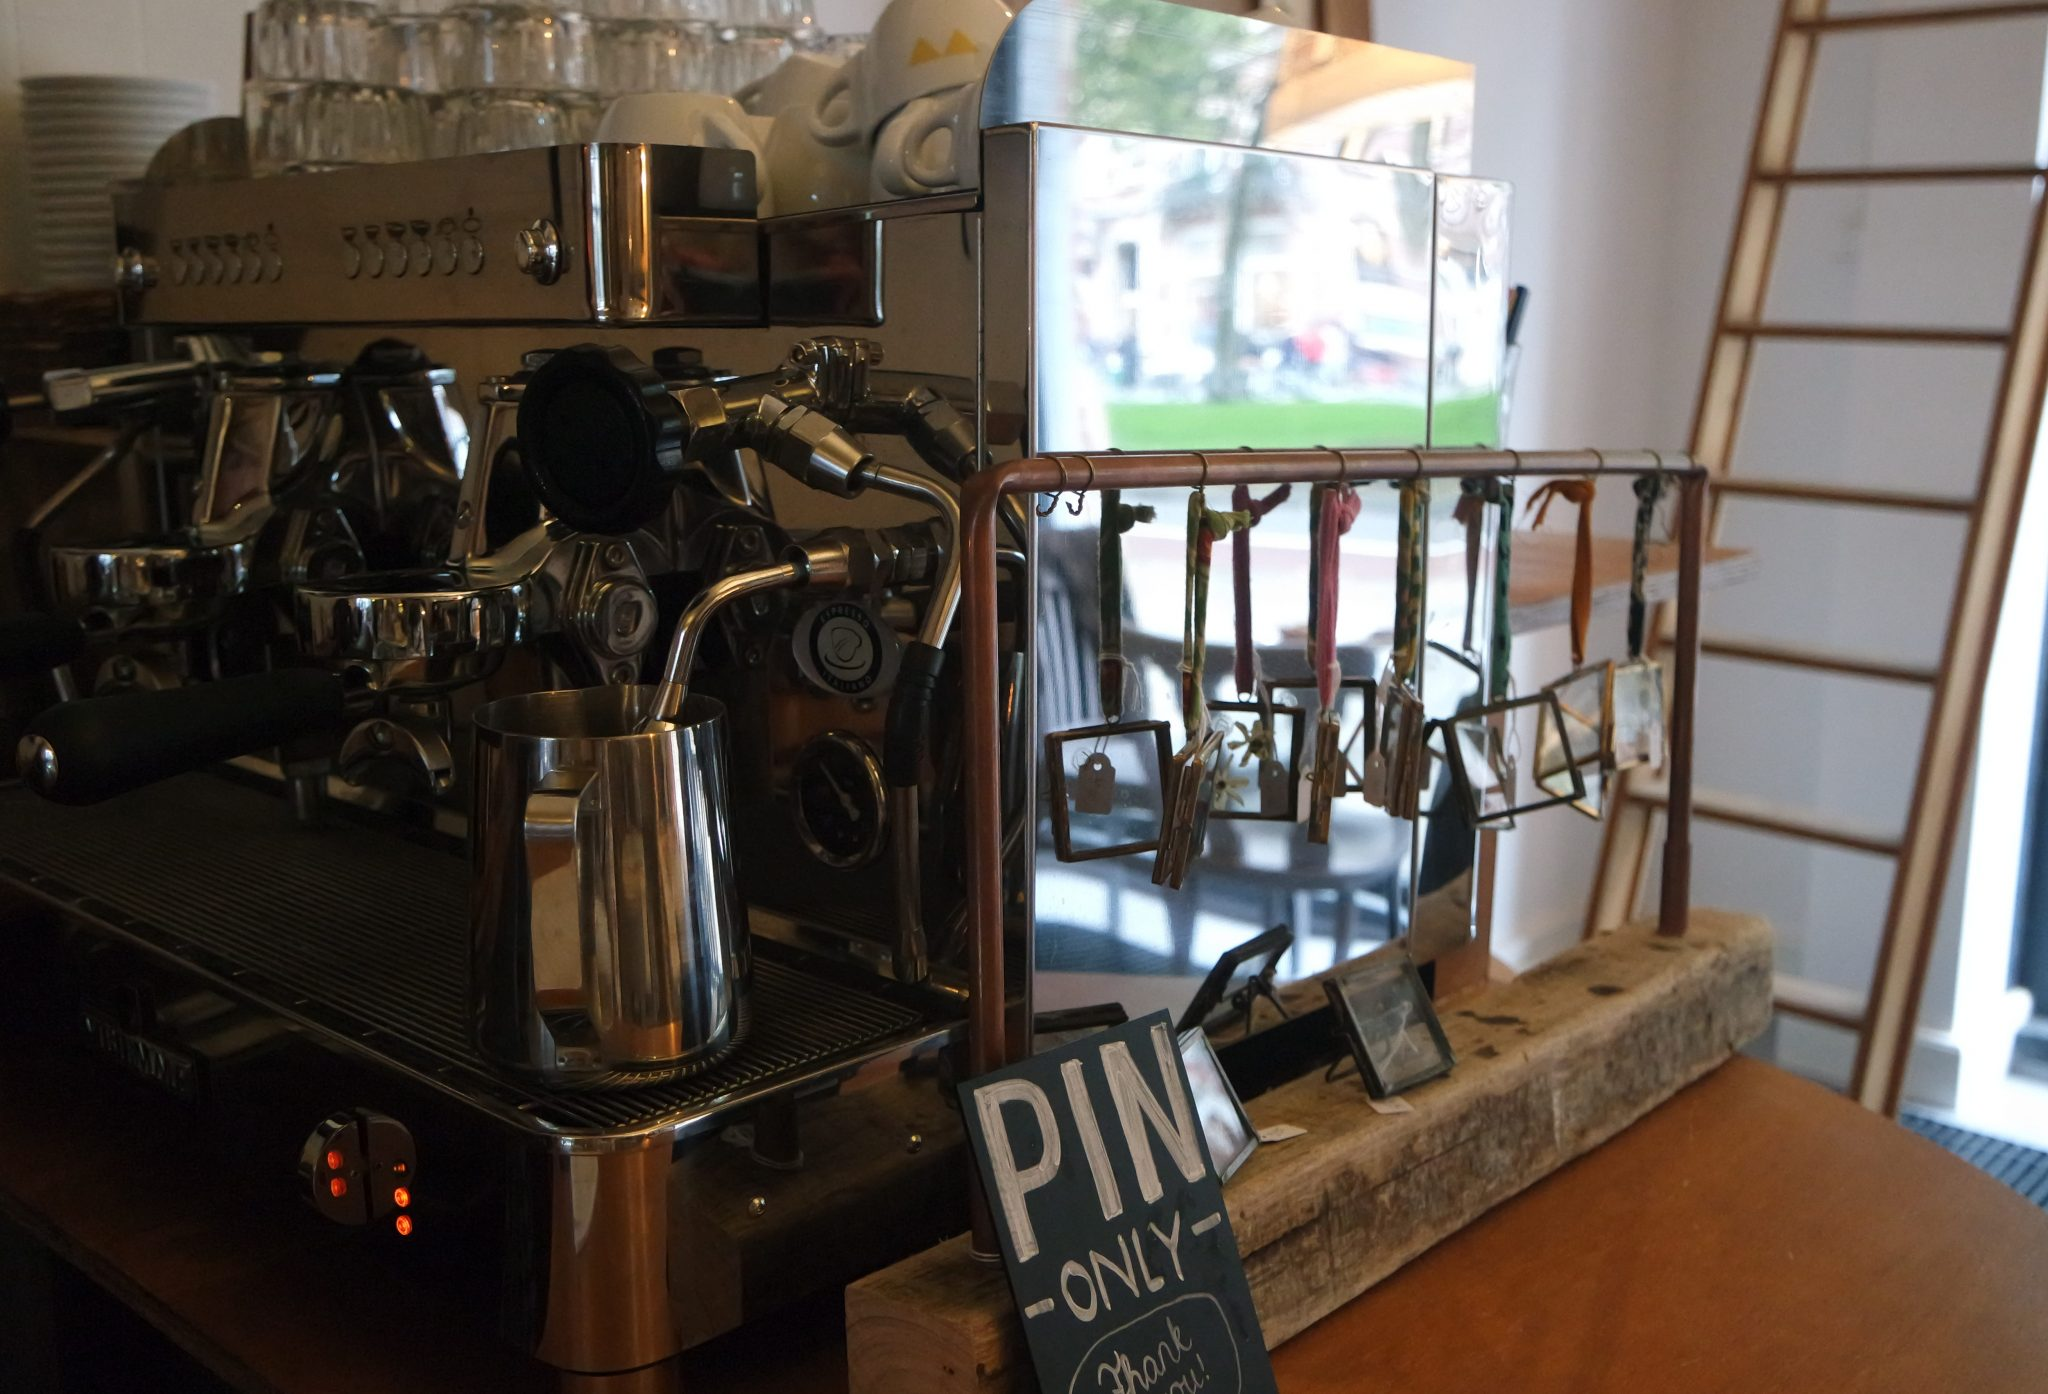 monqui denbosch koffiebar